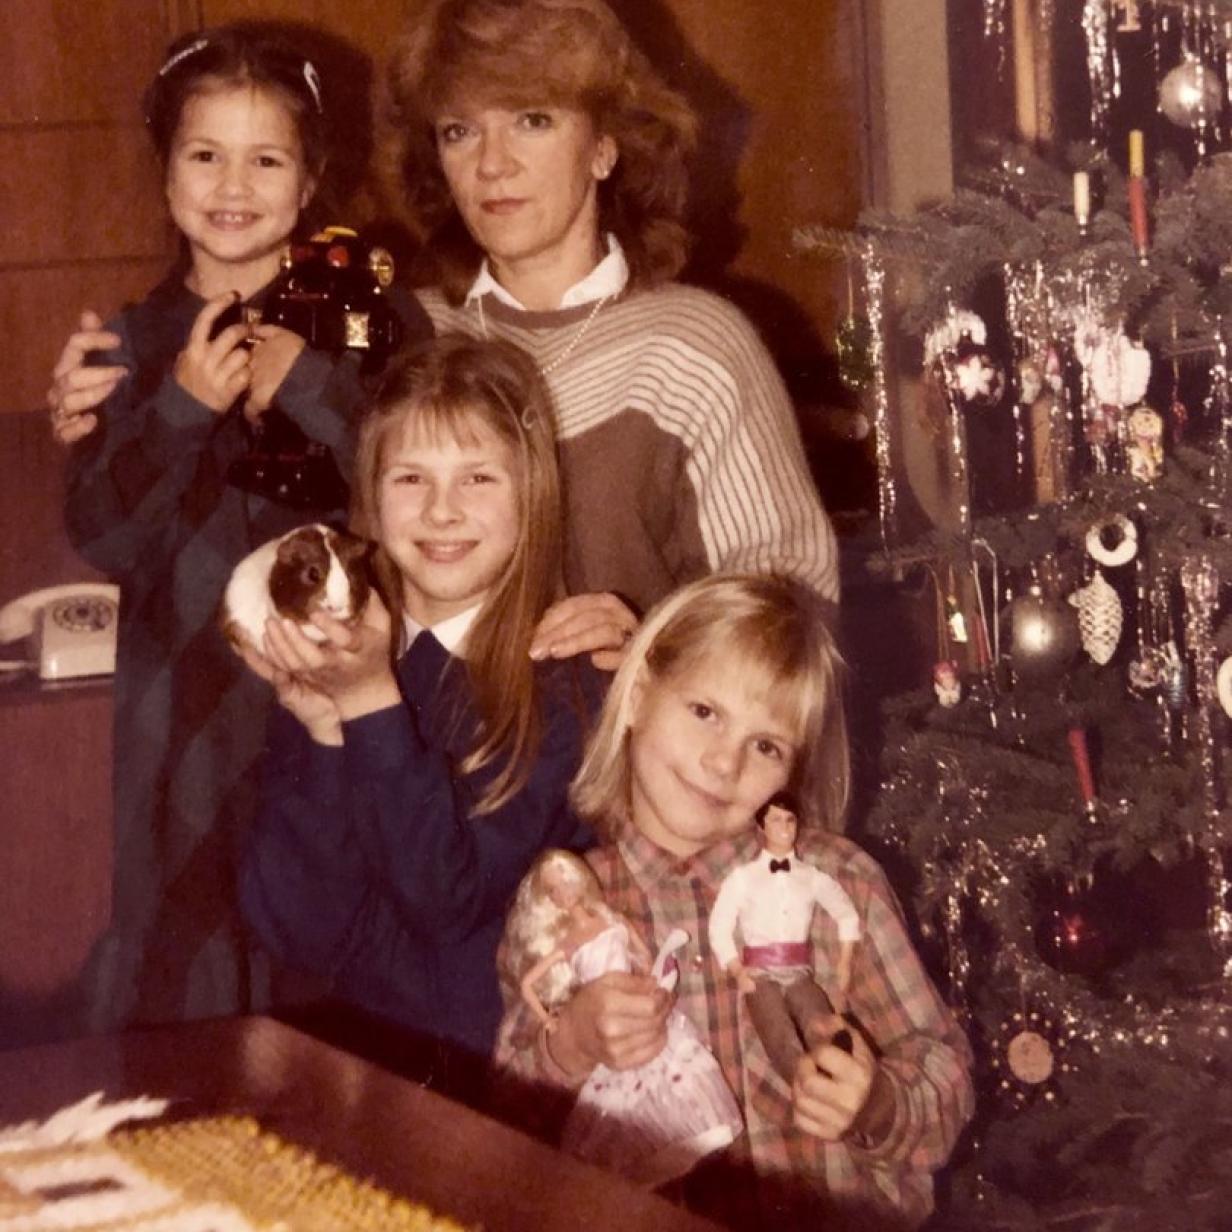 Weihnachten wie damals: Schon die Barbies des blonden Kindes waren Schauspielerinnen